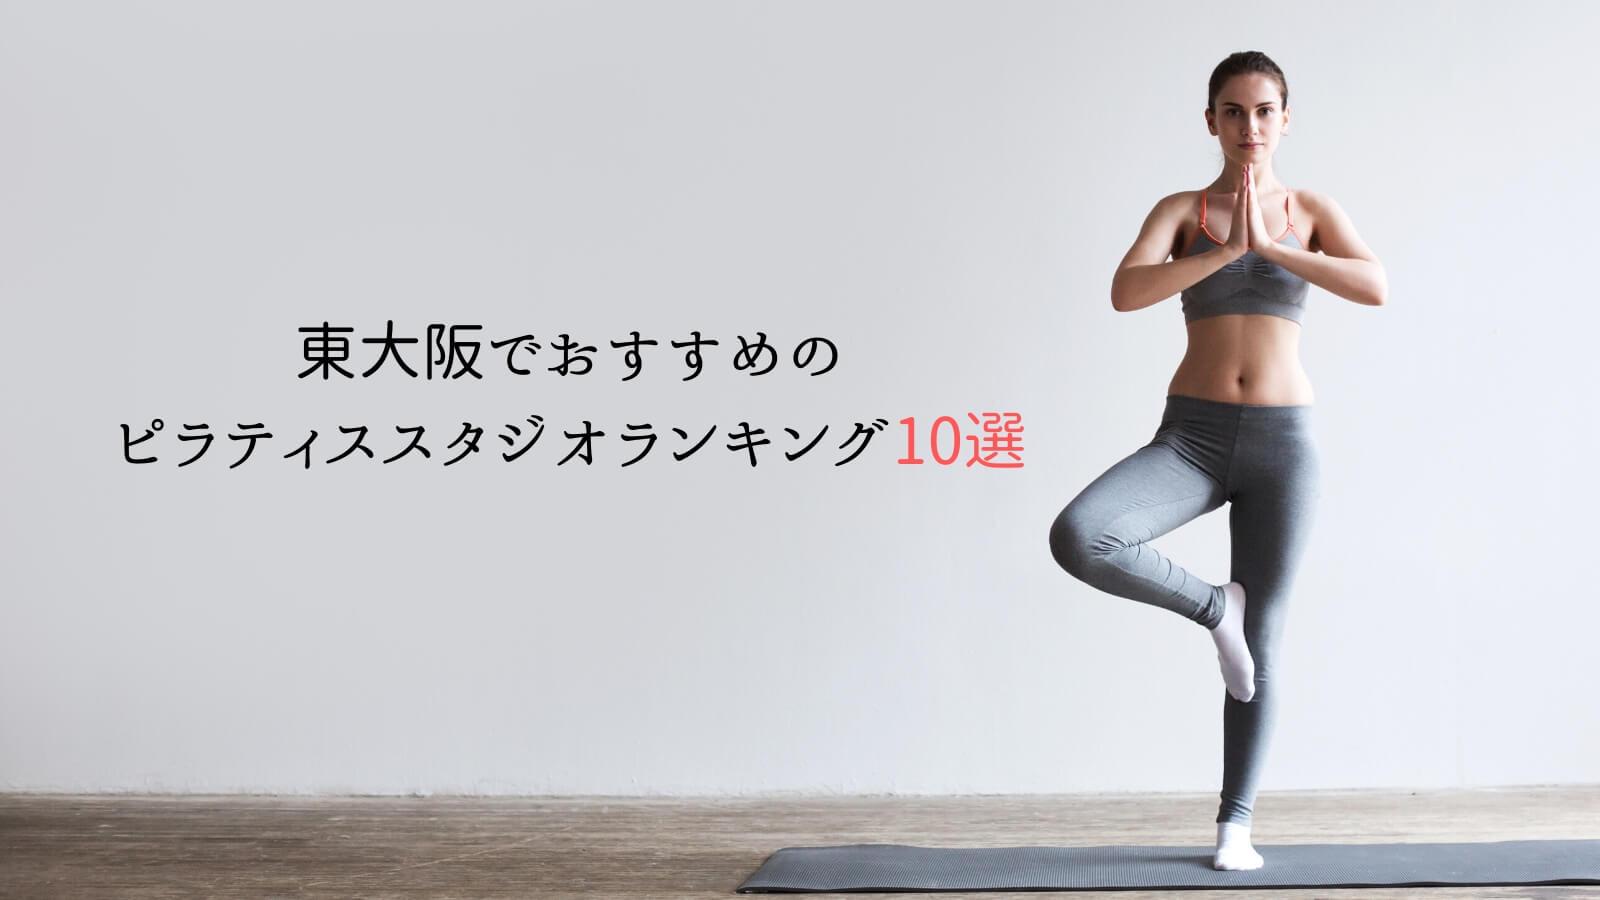 東大阪でおすすめのヨガ・ピラティススタジオランキング10選